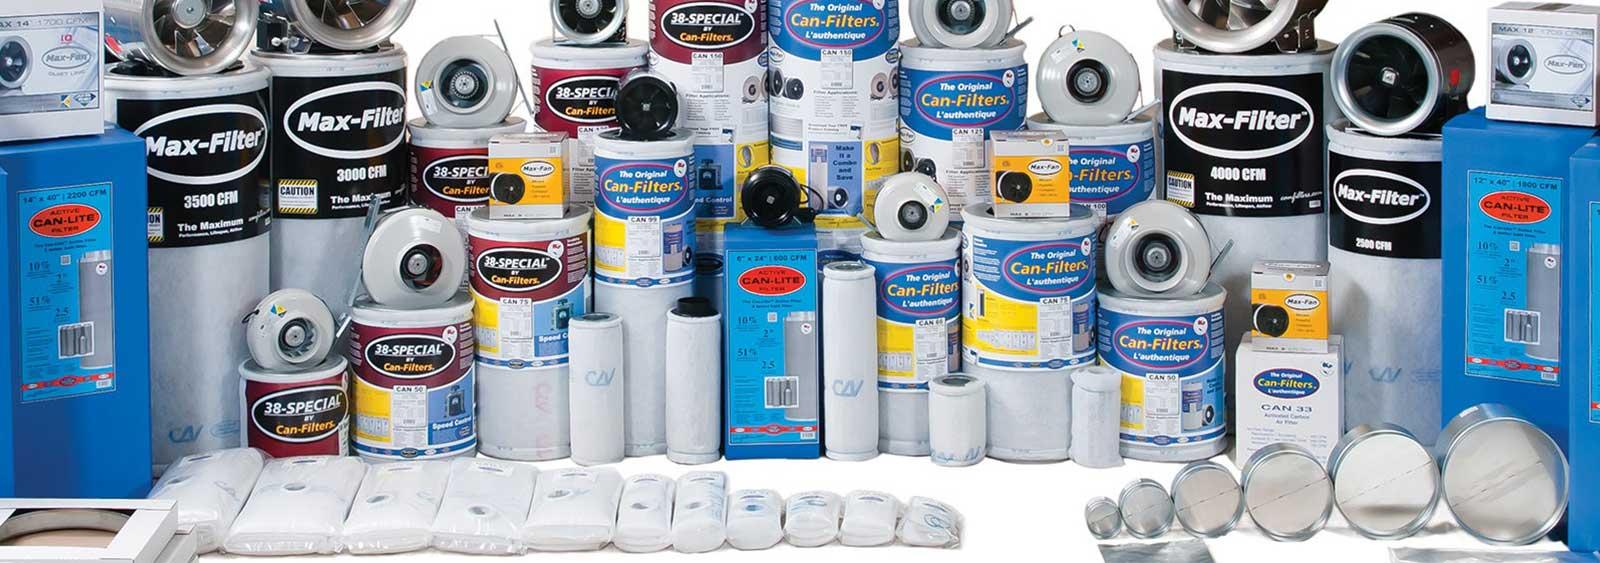 Descubre los sistemas antiolor Can-Filters